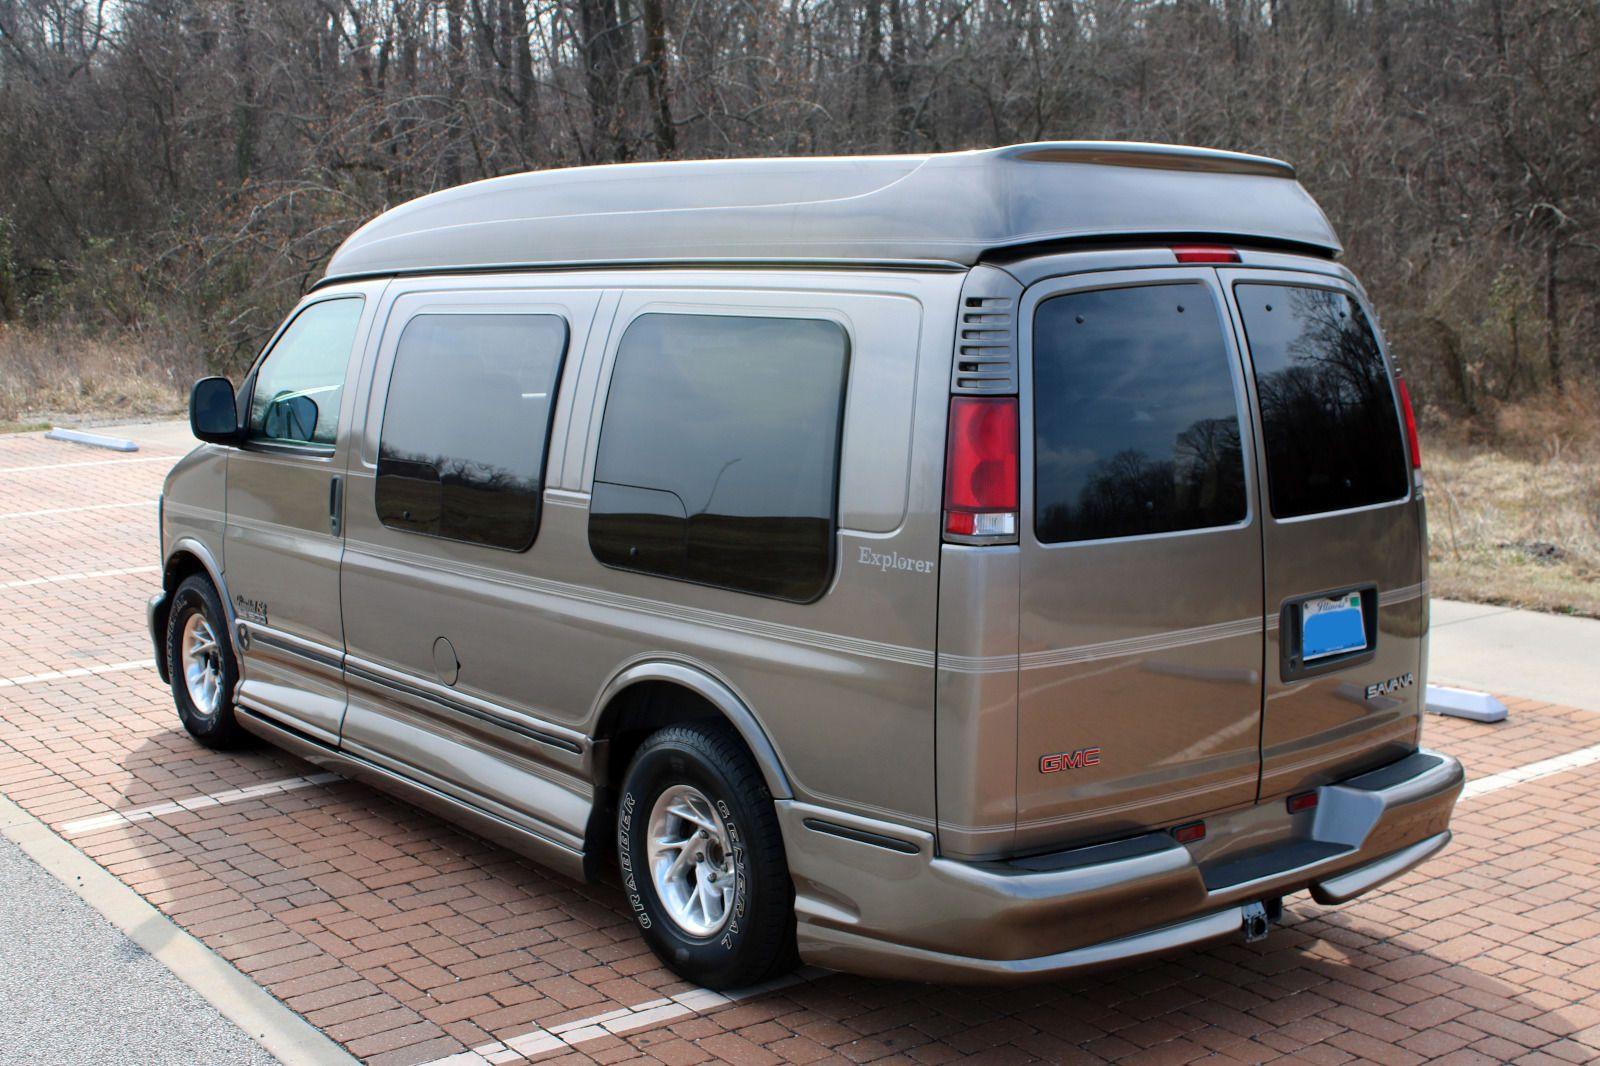 2000 Gmc Savana Explorer Ebay Gmc Vans Vans Gmc